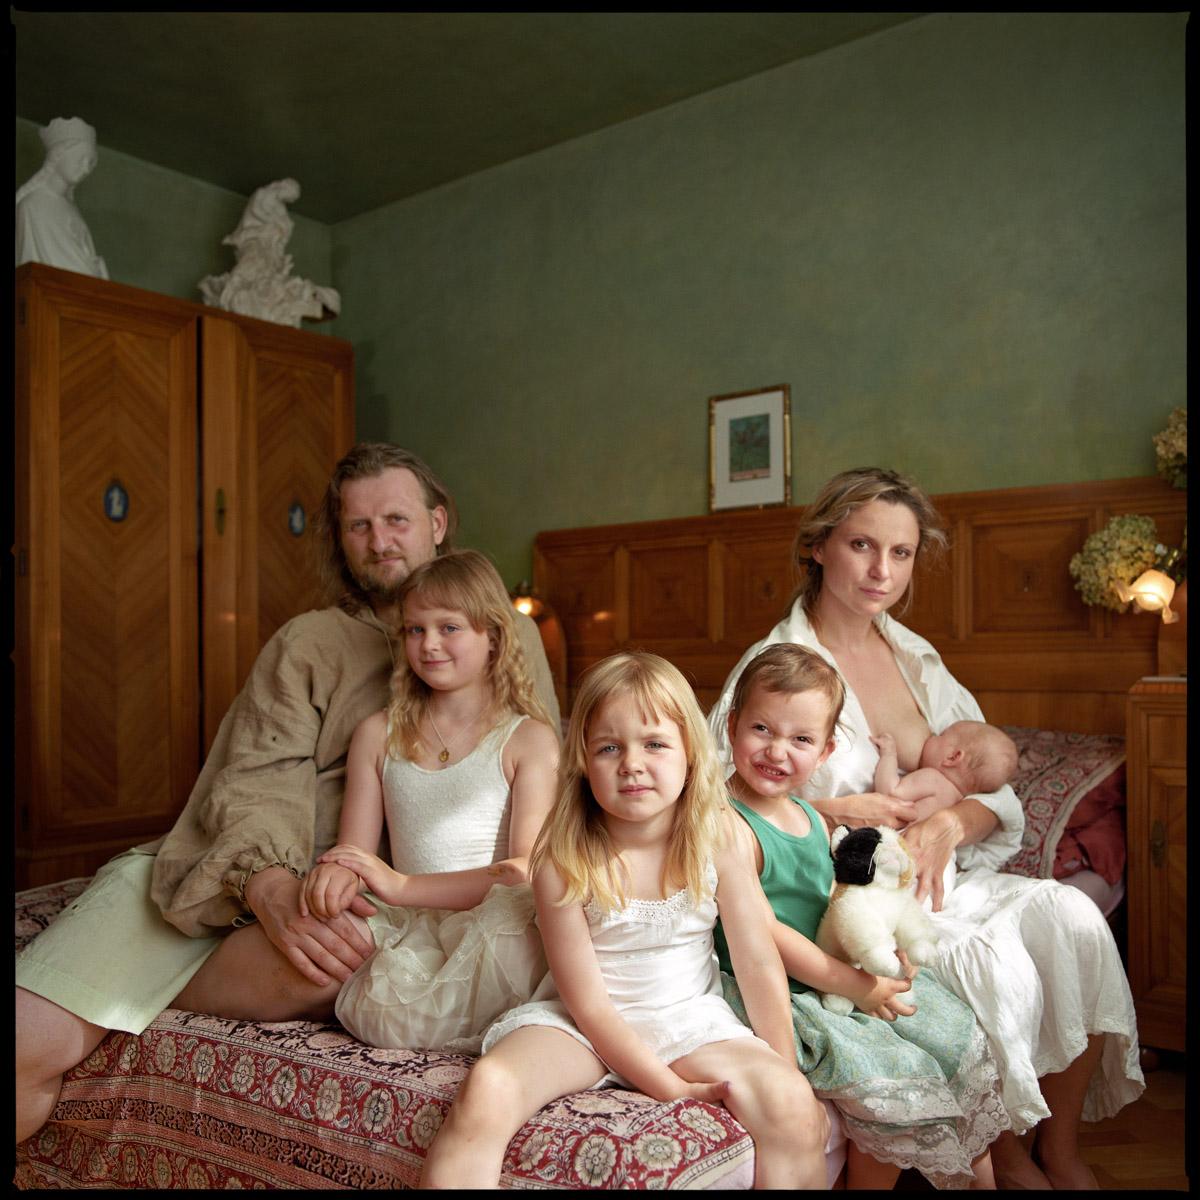 Ролевые игры для жены и мужа 27 фотография